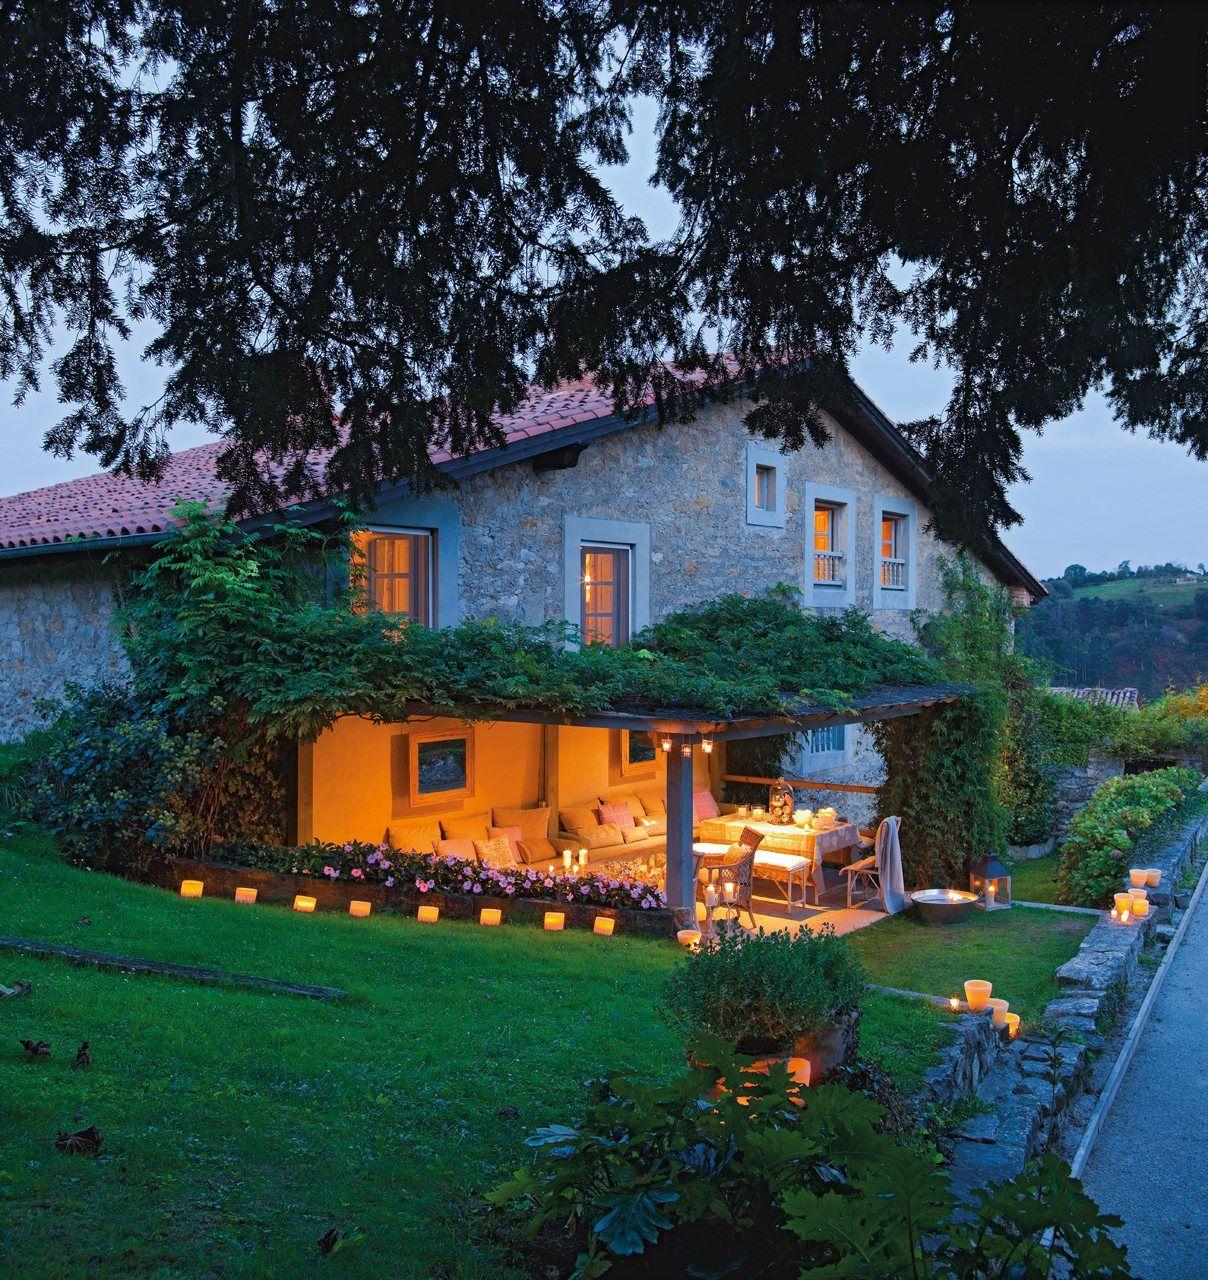 Fin de a o en una casa de campo great outdoors pinterest fin de a o casa de campo y de campo - Casa para fin de ano malaga ...